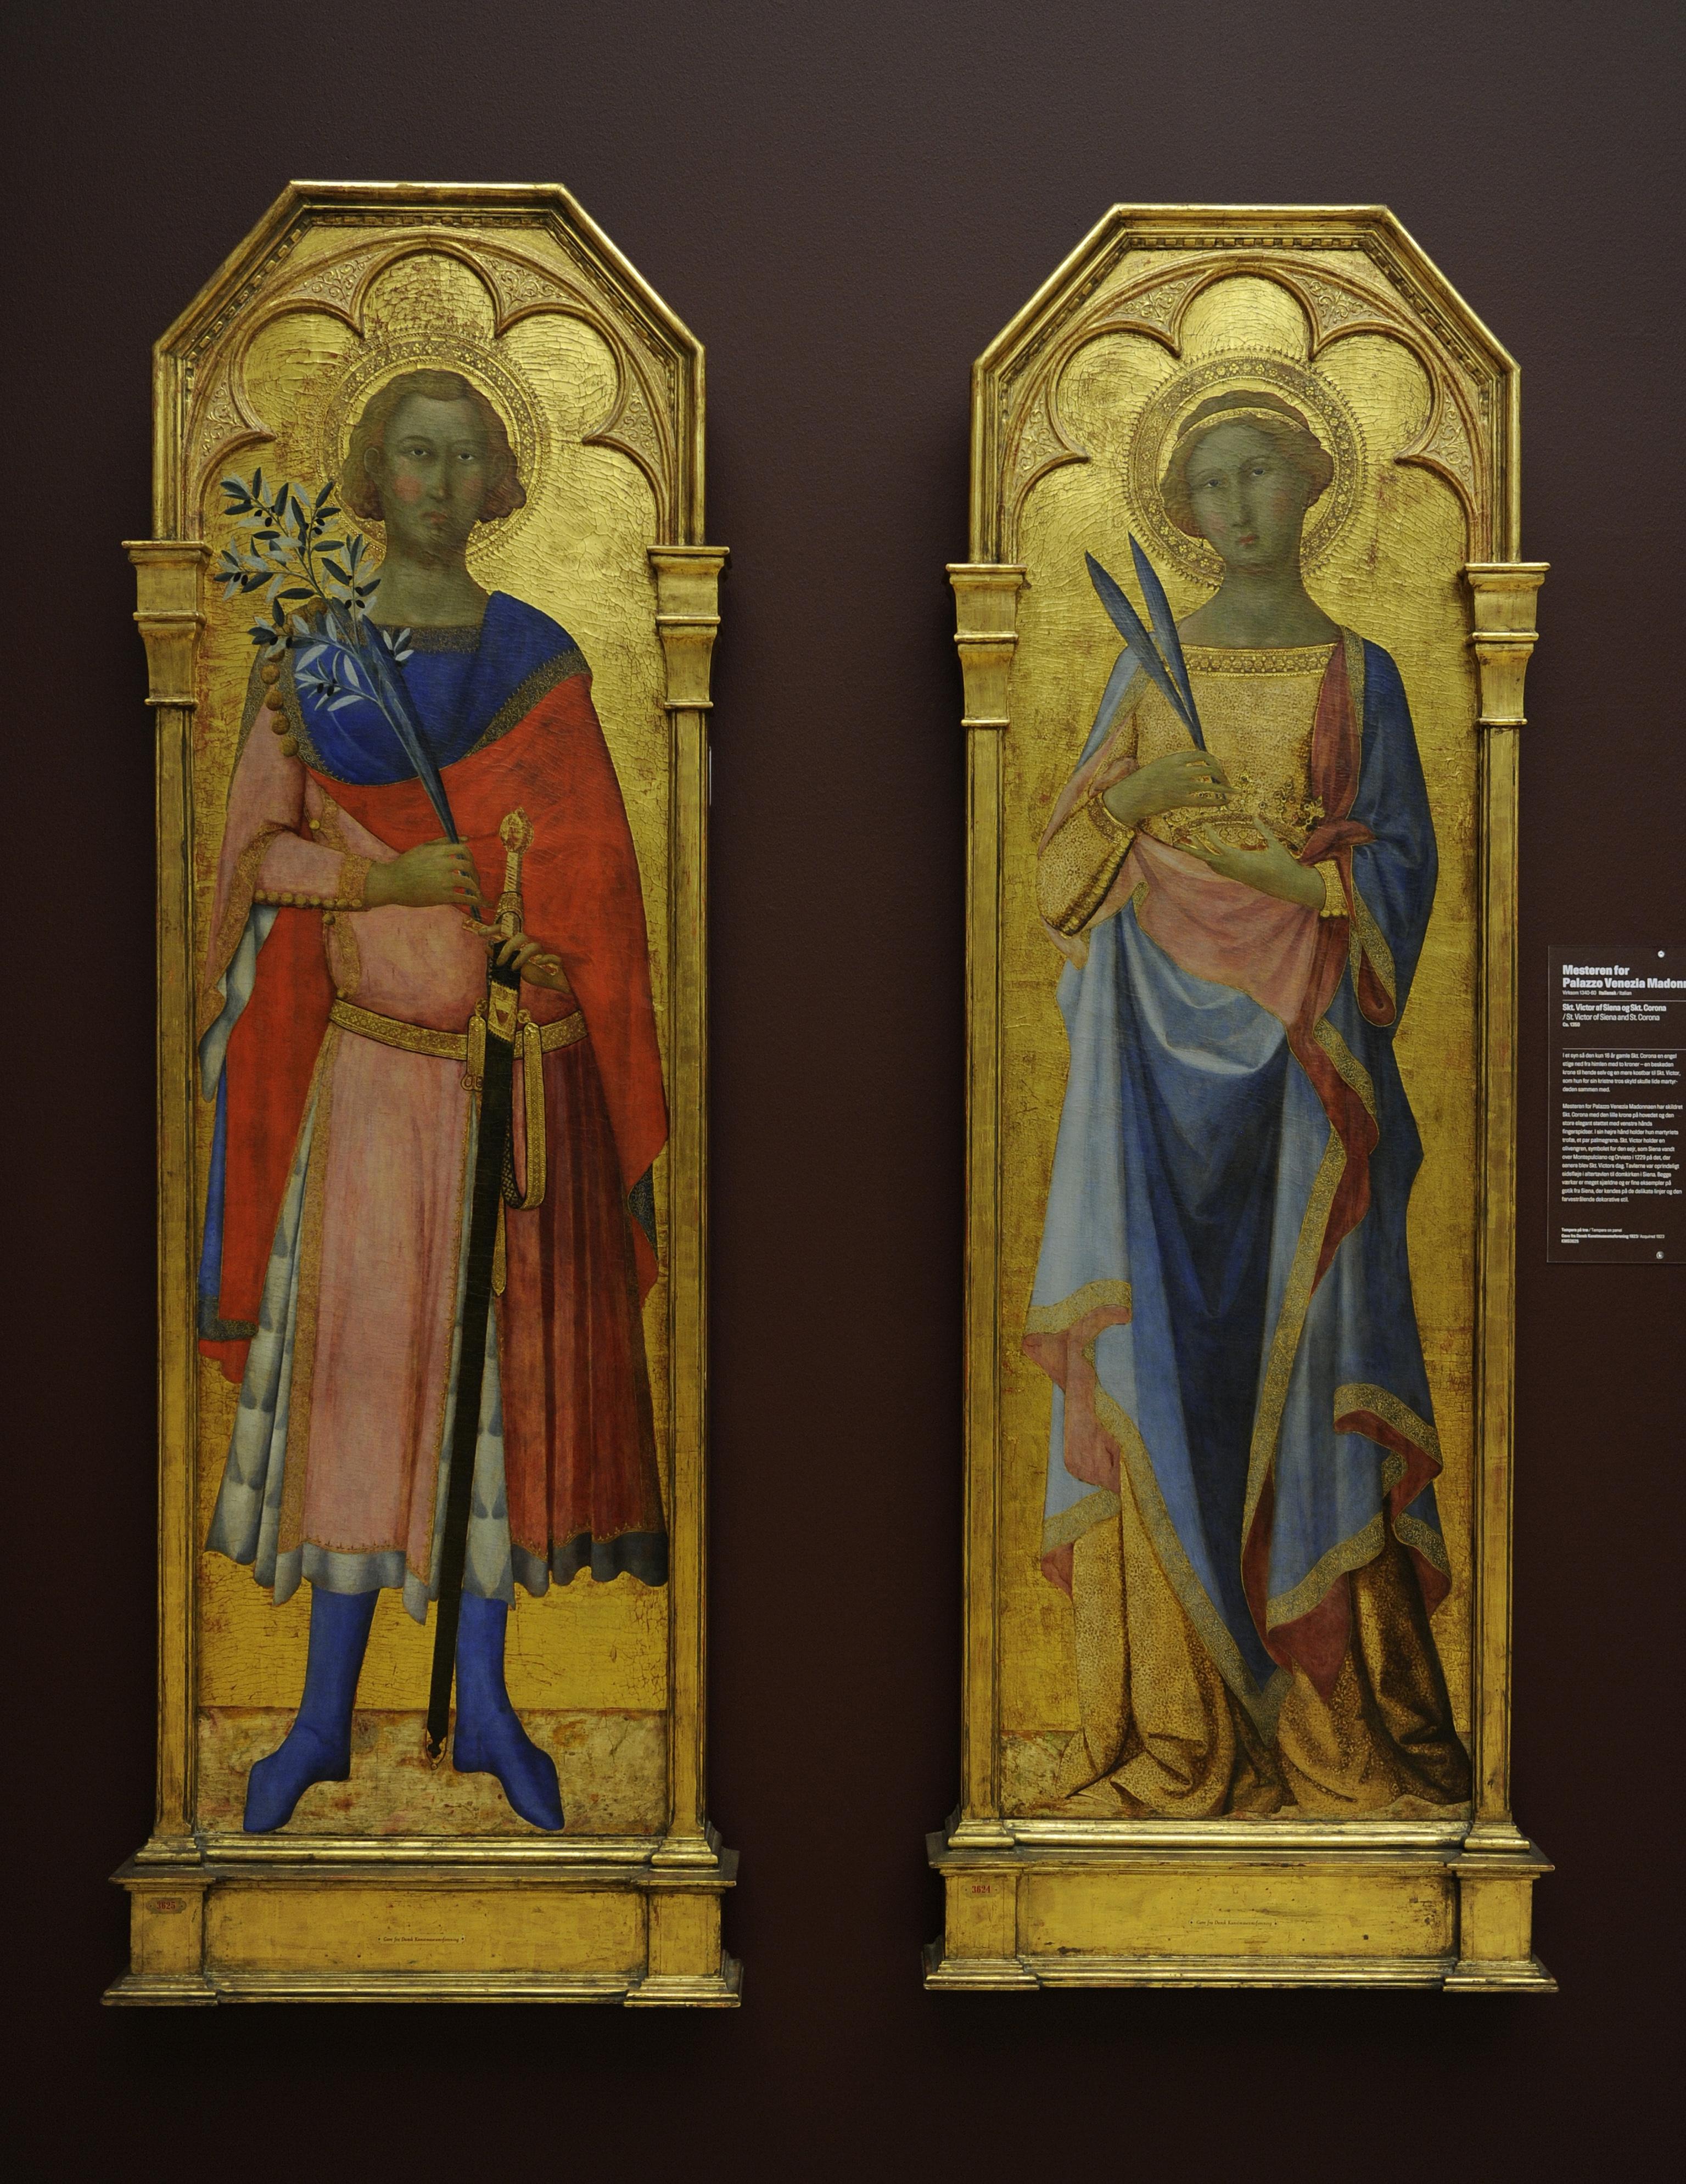 Szent Viktor és Szent Corona asienai katedrális oltárképén (fotó: Prisma/Universal Images Group via Getty Images)